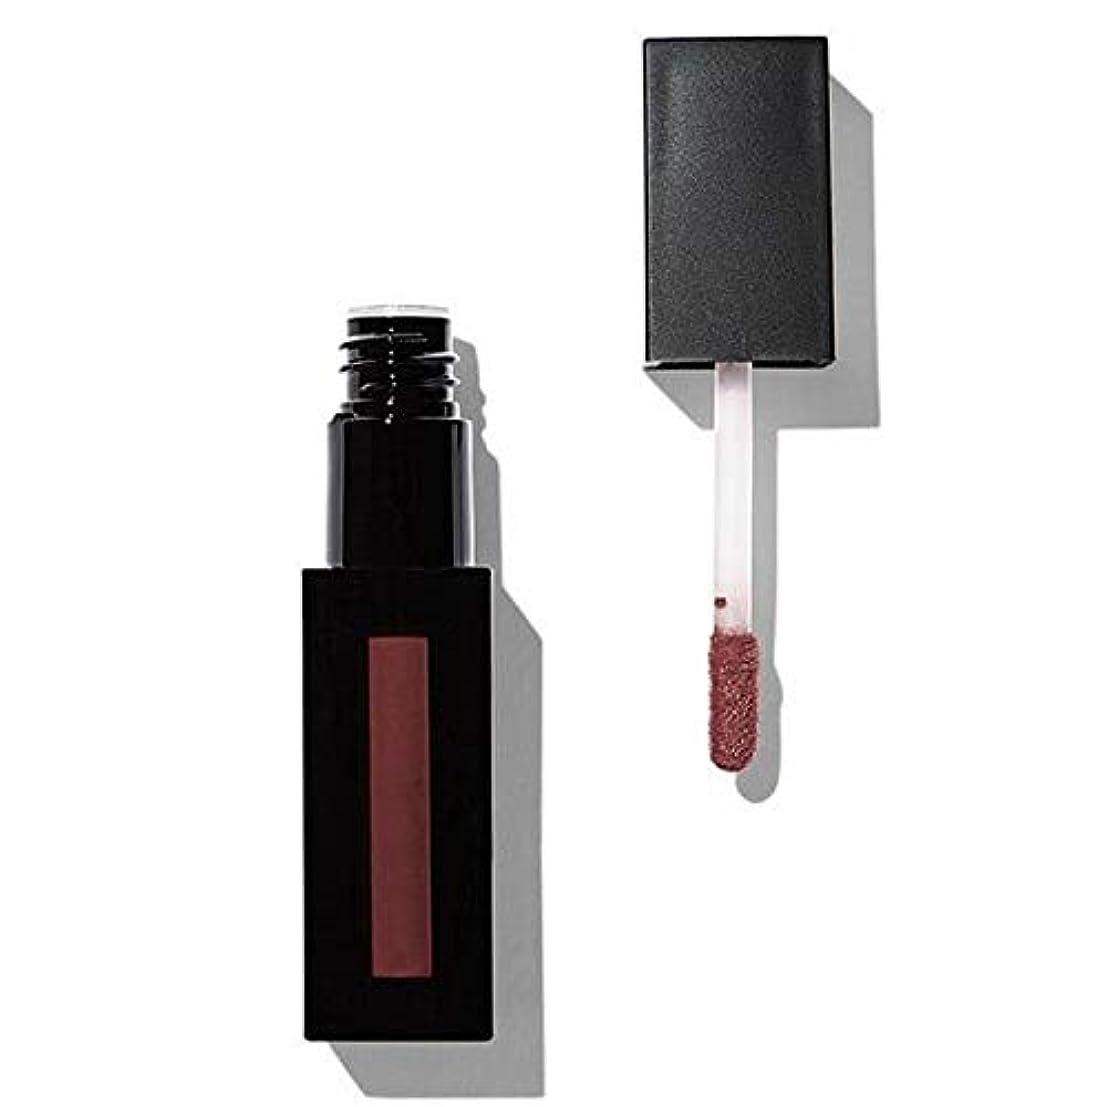 むしゃむしゃルーム宇宙[Revolution ] 革命プロ最高のマットリップ顔料錯覚 - Revolution Pro Supreme Matte Lip Pigment Illusion [並行輸入品]